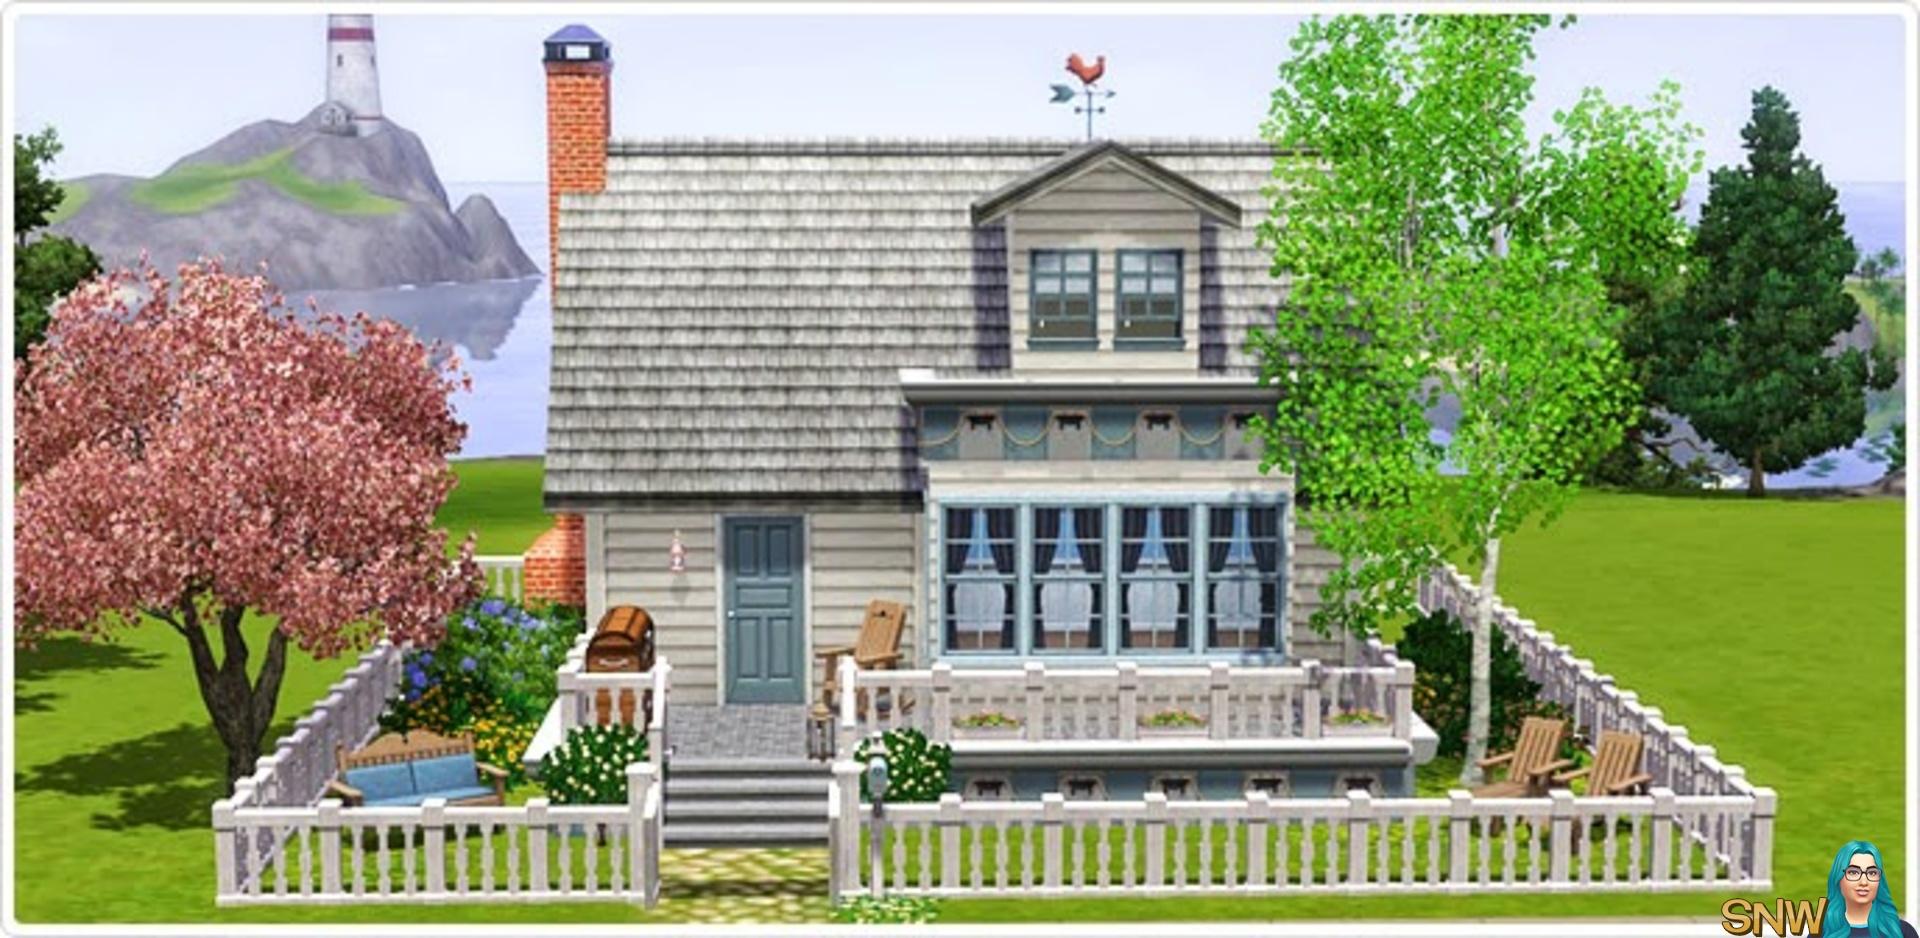 Nautische Woonkamerset in De Sims 3 Store!  SNW  SimsNetwerk.com